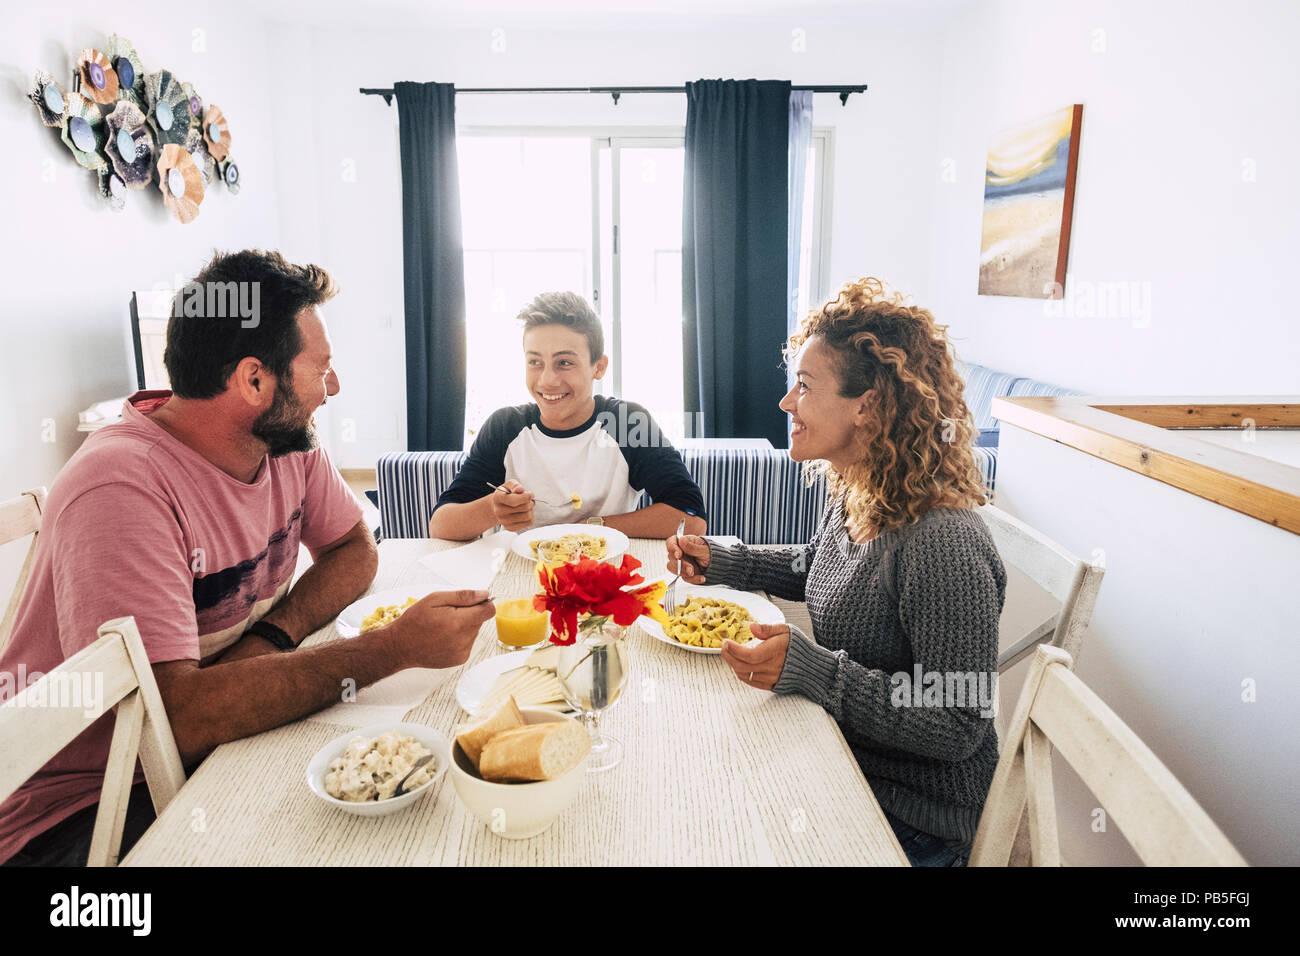 Heureux et joyeux de la famille caucasienne de déjeuner ensemble à la maison. mur blanc et lumineux de l'image. profiter ensemble de la journée en souriant et à l'amour avec un Photo Stock